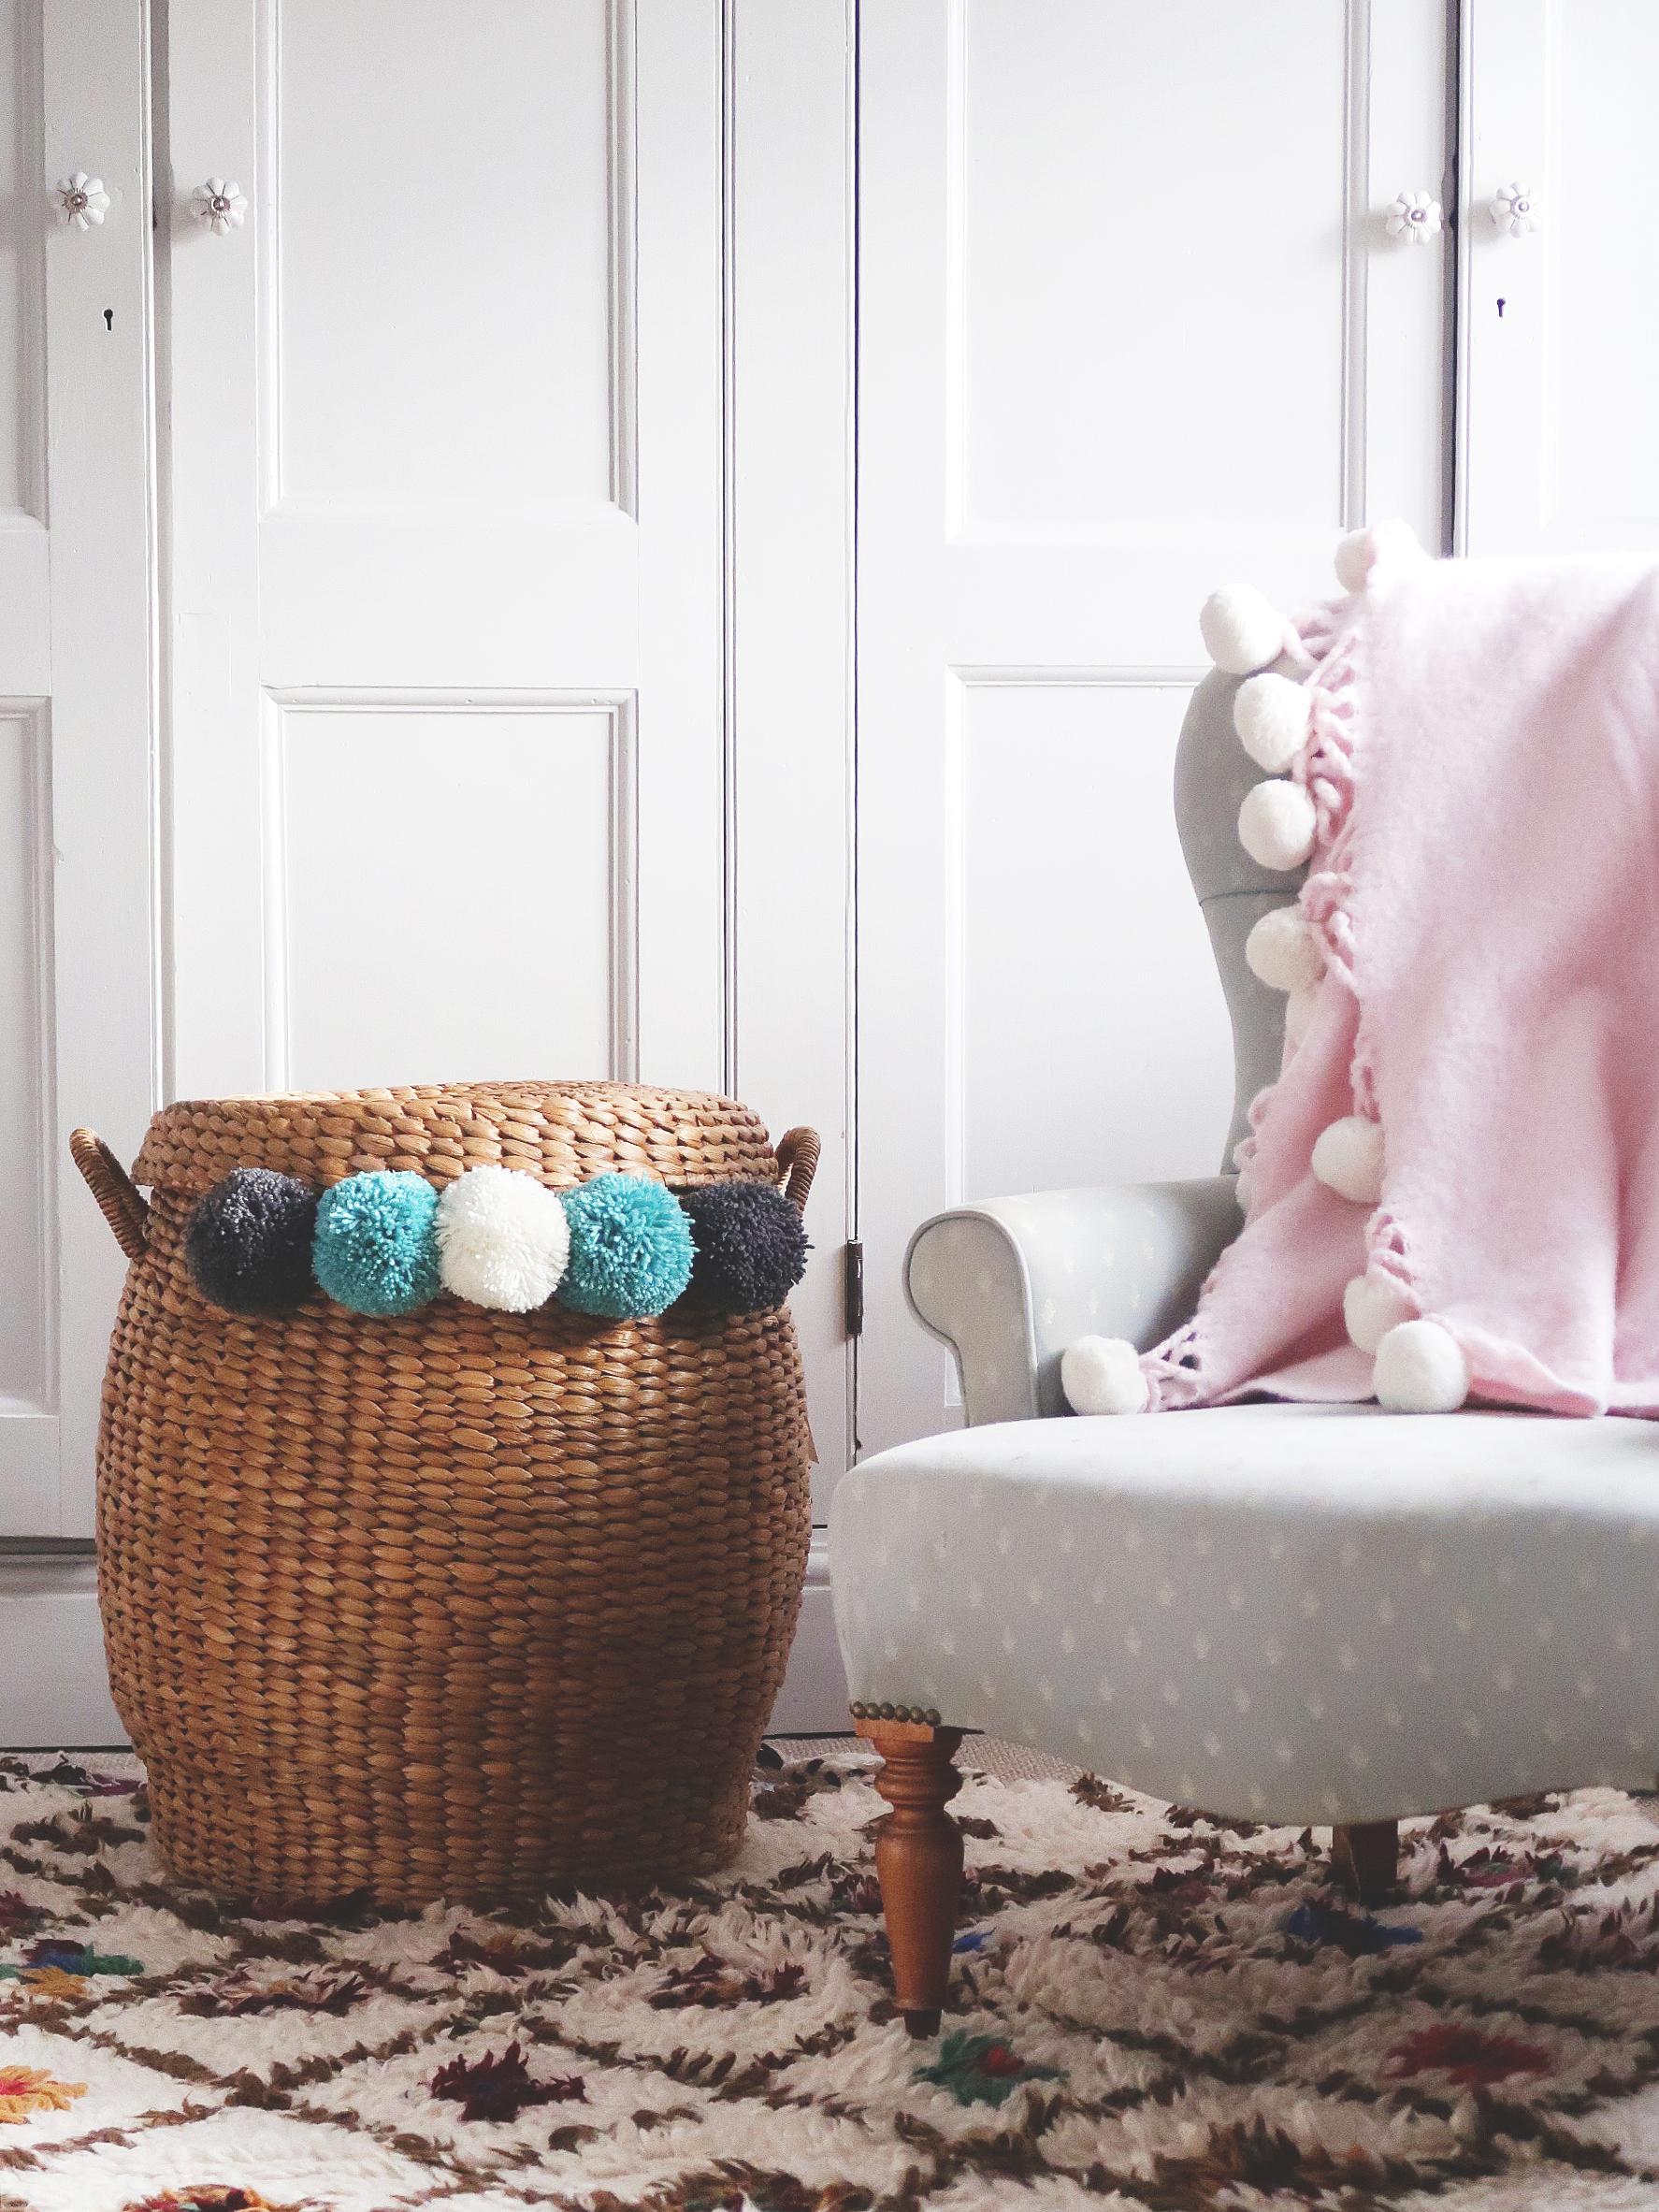 pom_pom_making_basket_in_room